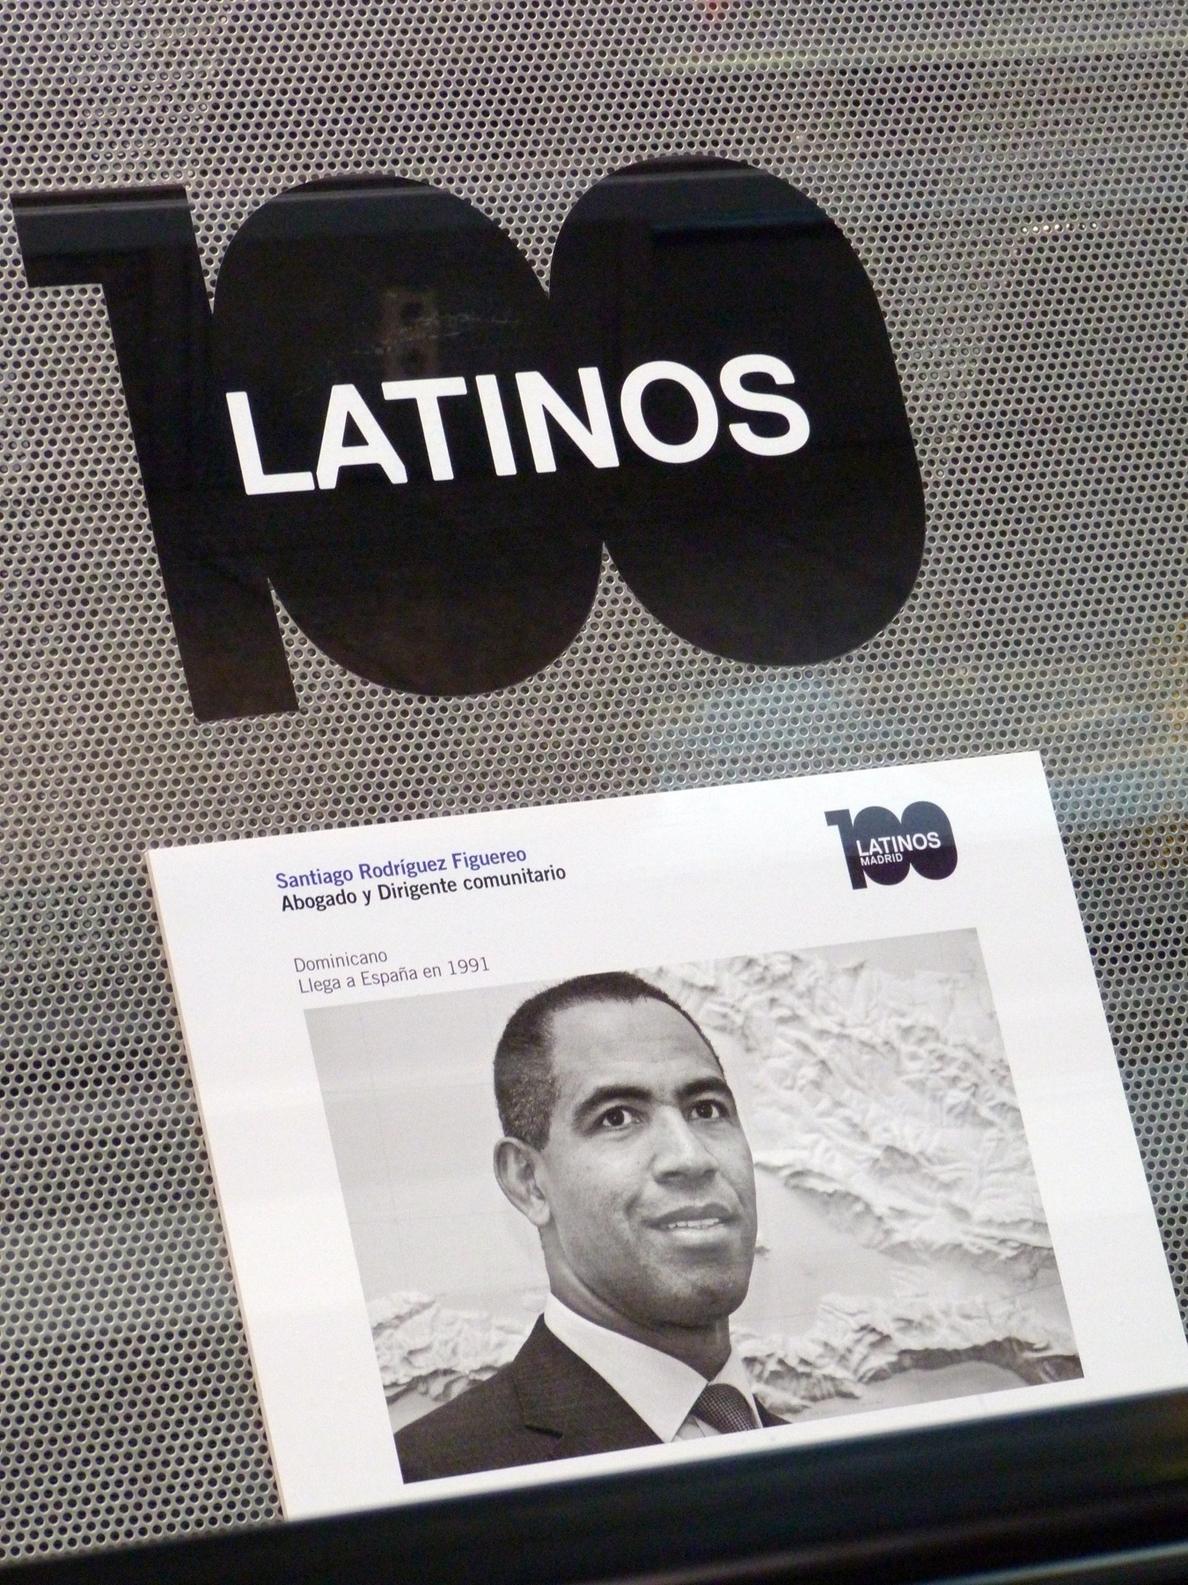 El aeropuerto de Barajas rinde homenaje a cien latinos en una exposición fotográfica